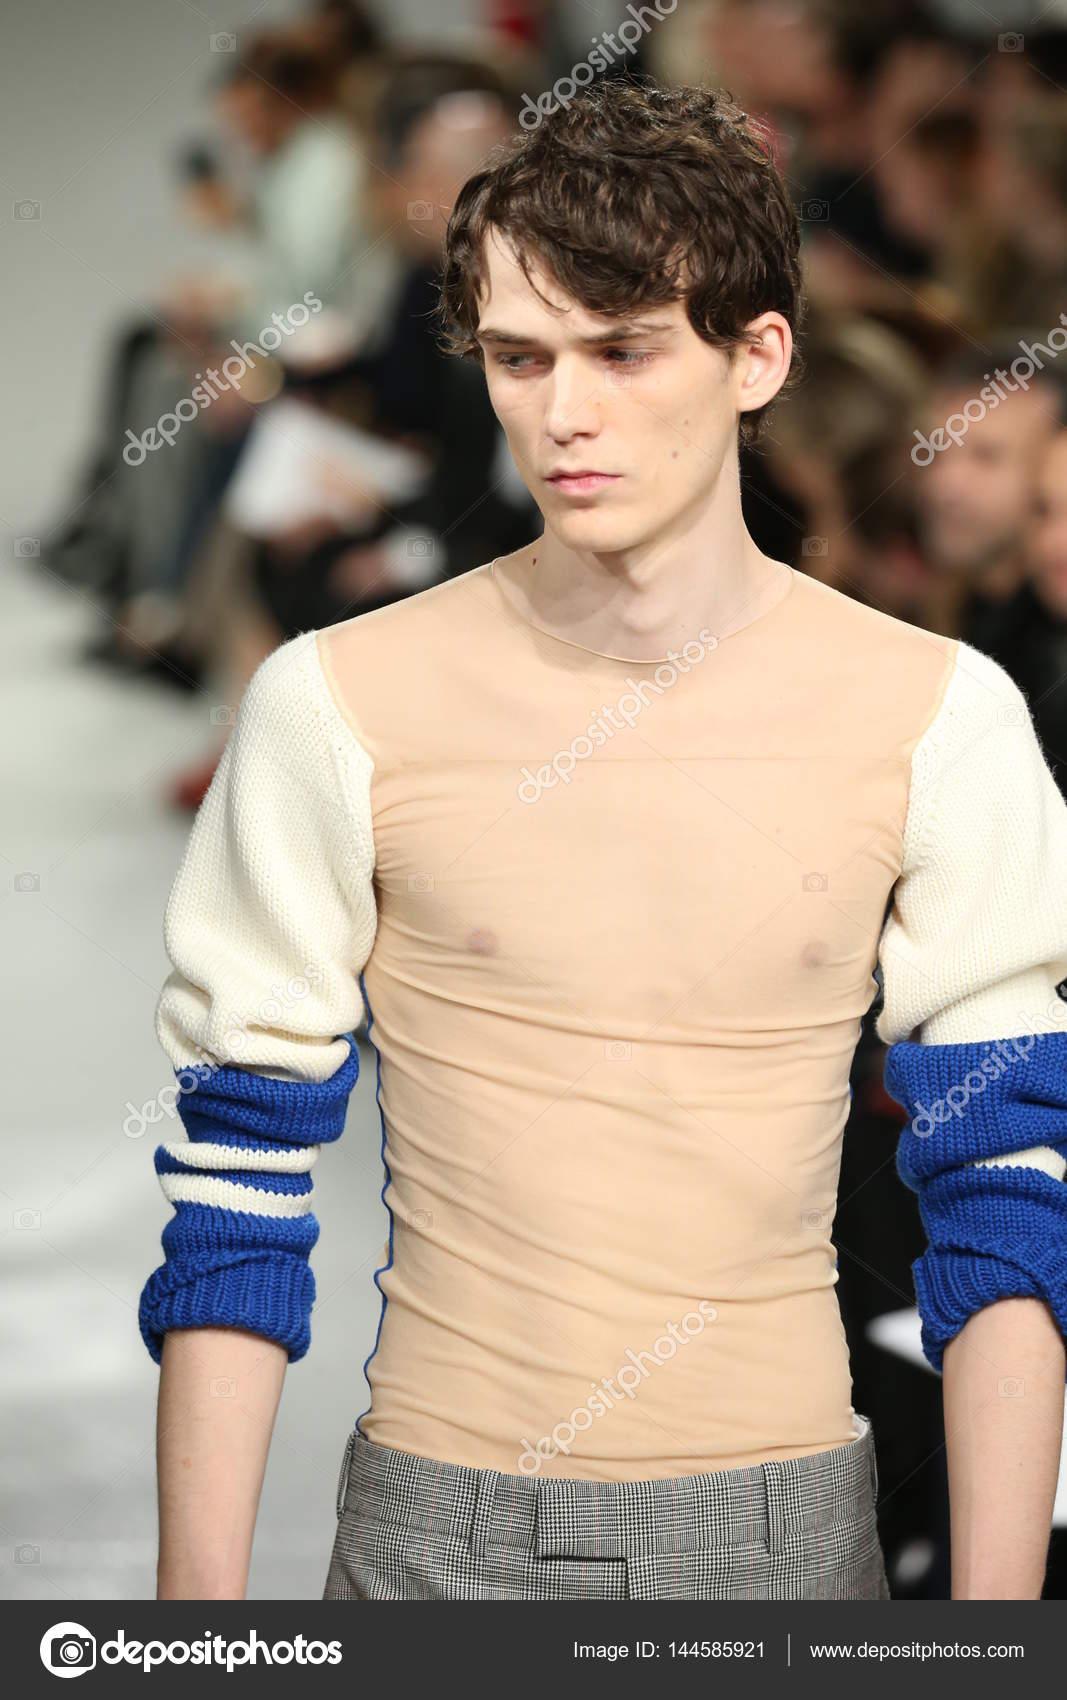 calvin klein collection stock editorial photo fashionstock